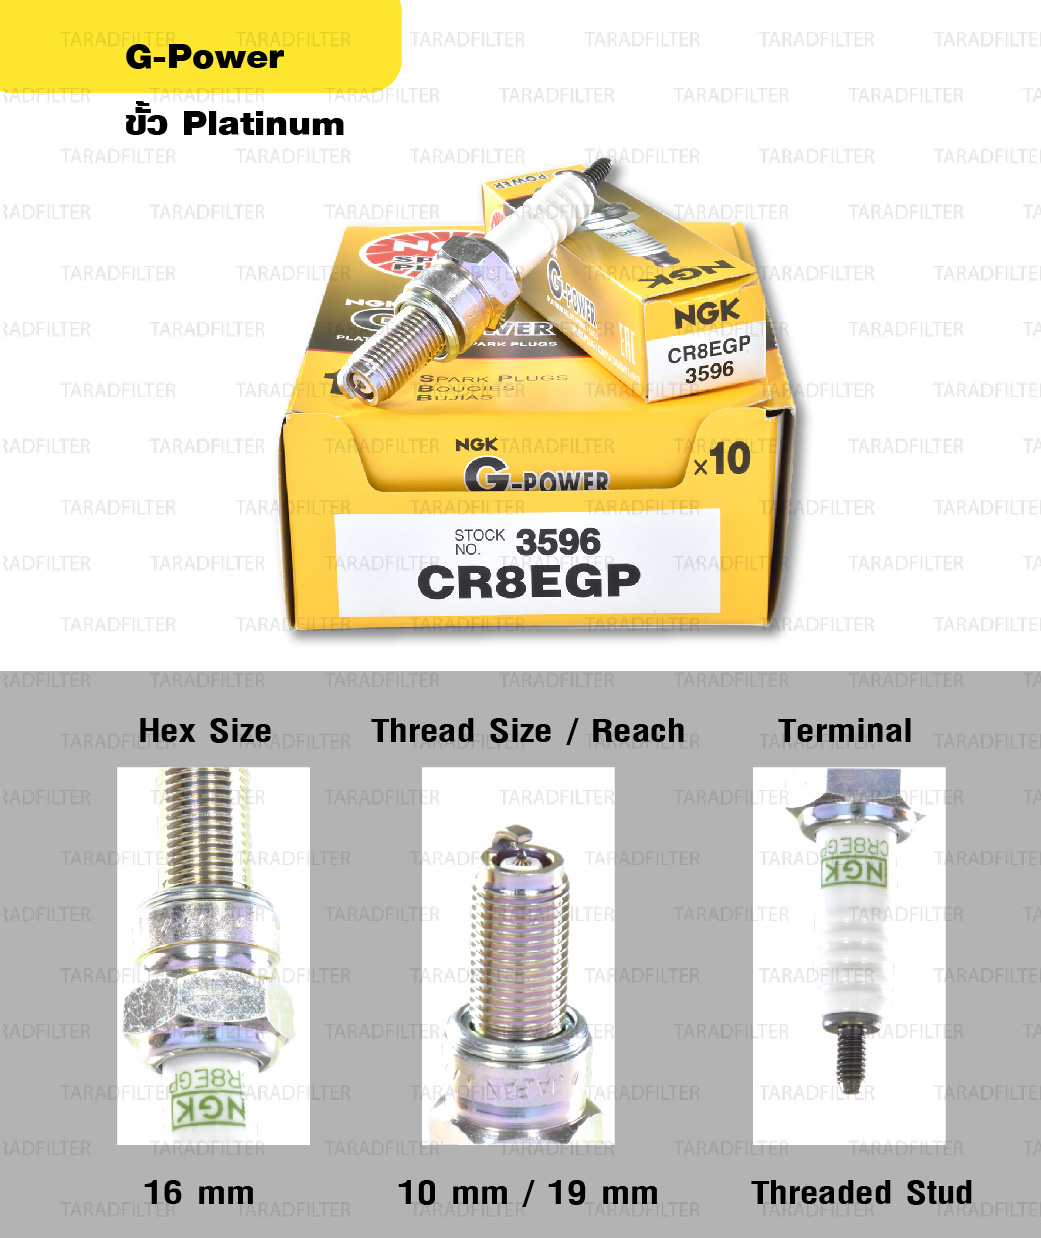 หัวเทียน NGK CR8EGP ขั้ว Platinum ใช้สำหรับ New Vespa และบิ๊กไบค์หลายรุ่น (1 หัว) – Made in Japan